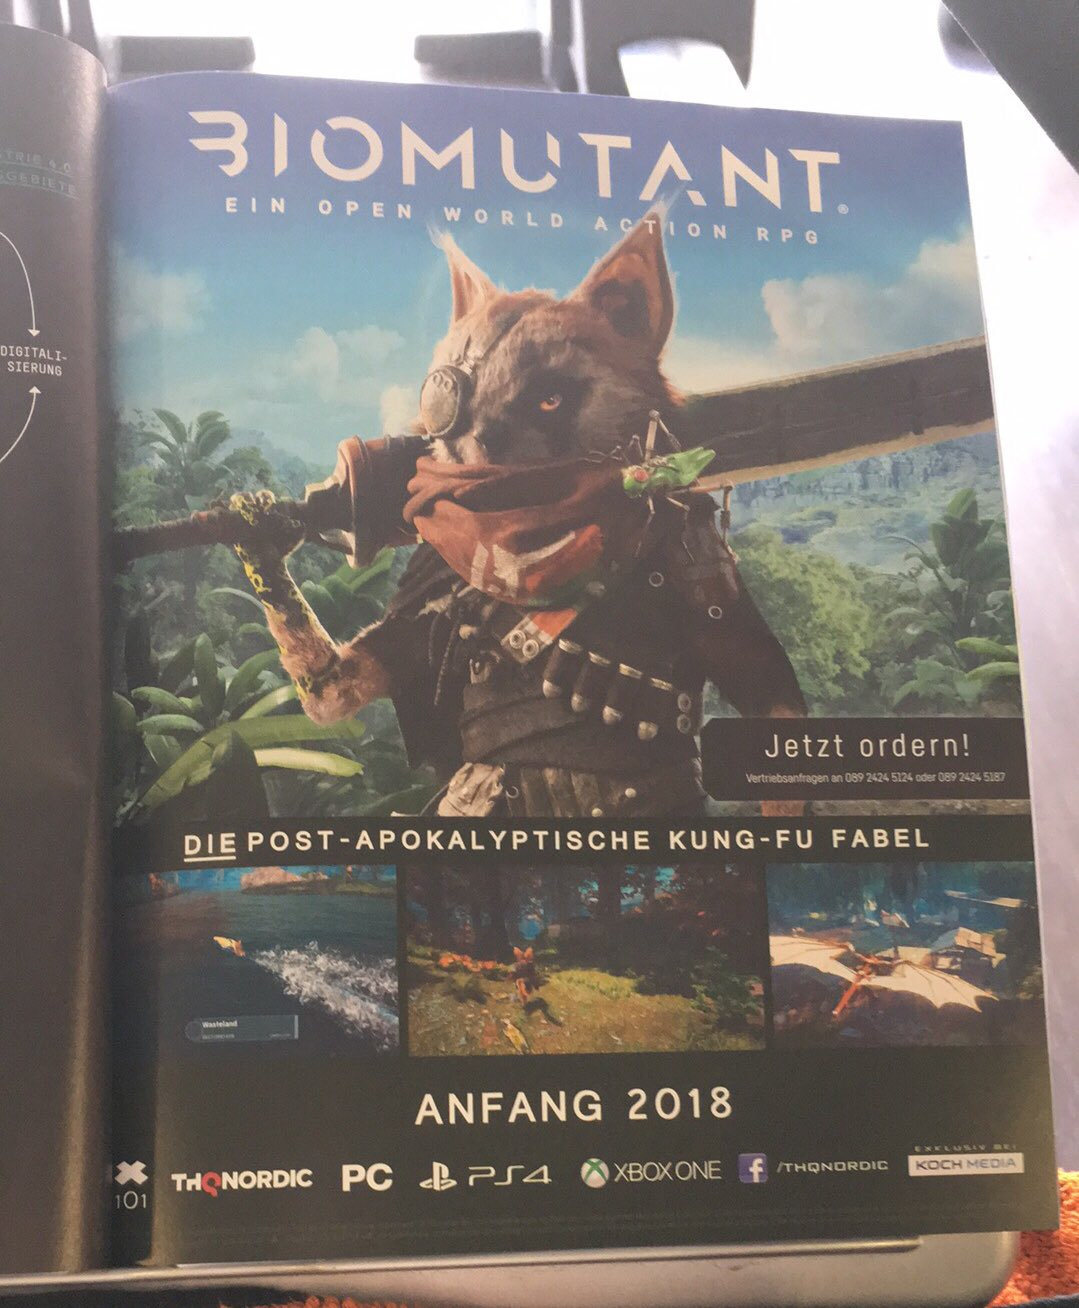 عنوان اکشن نقشآفرینی پسا-آخرالزمانی THQ Nordic به نام Biomutant لو رفت